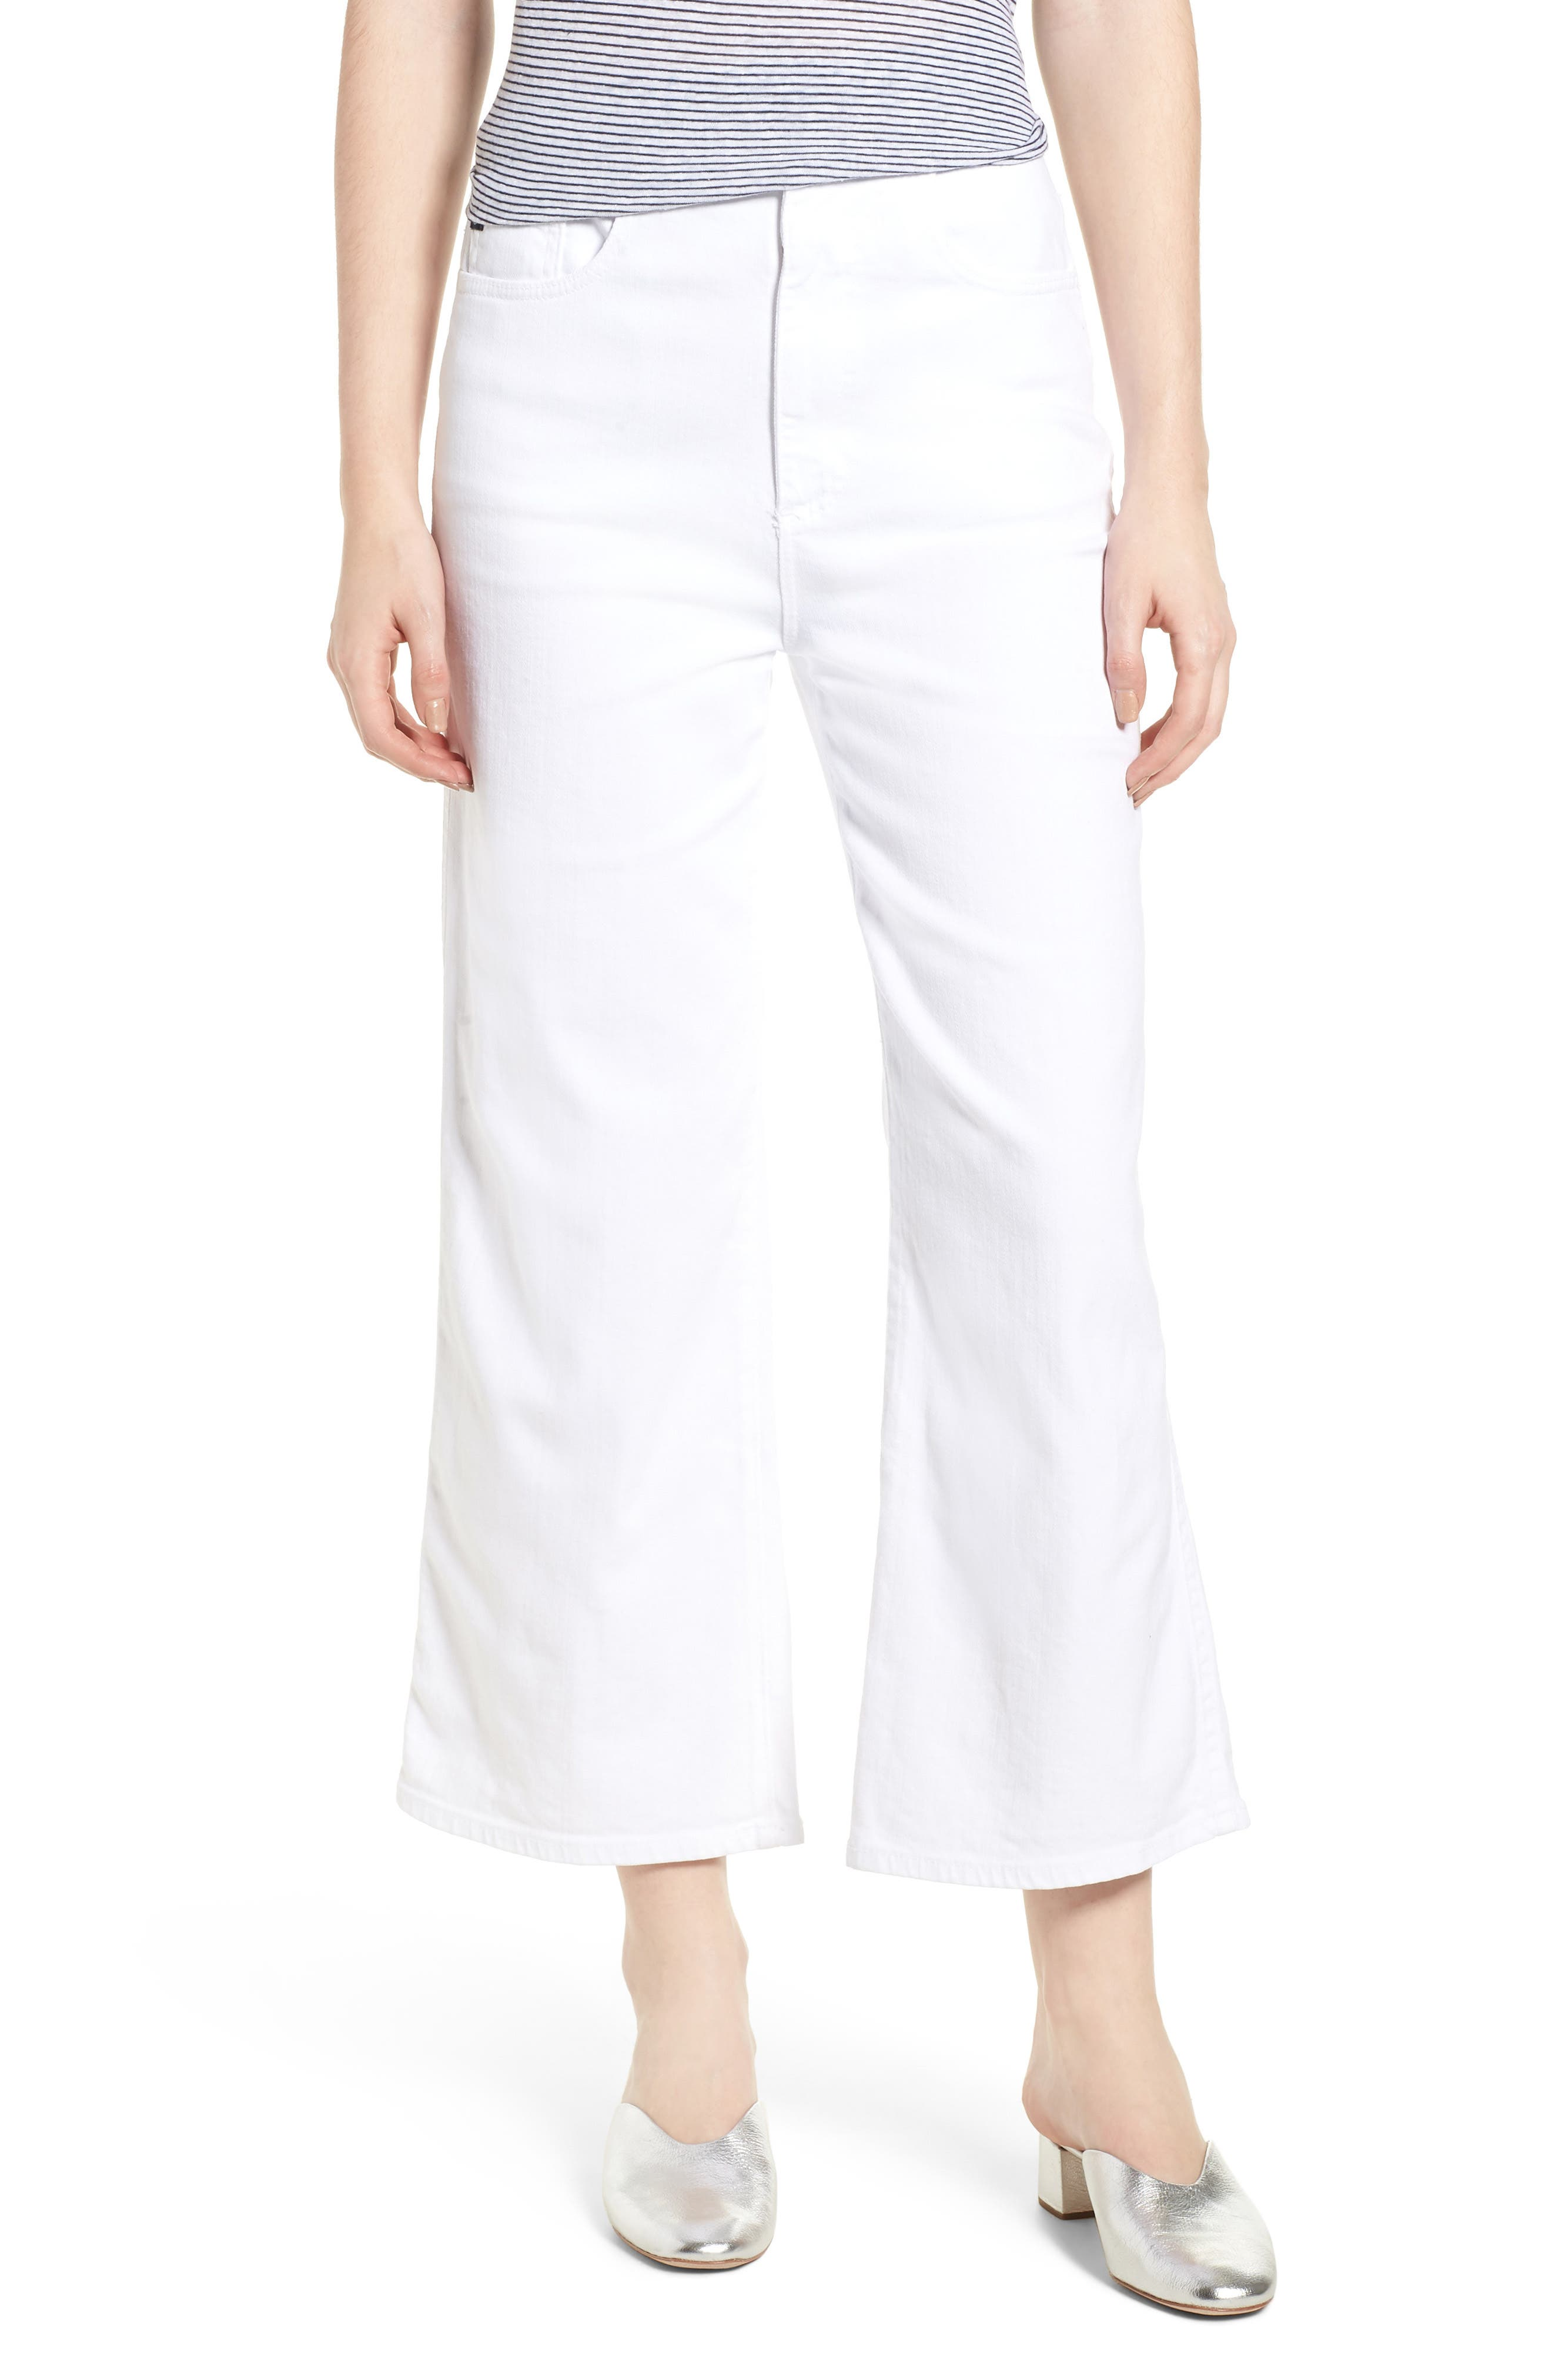 Etta High Waist Crop Wide Leg Jeans,                             Main thumbnail 1, color,                             110